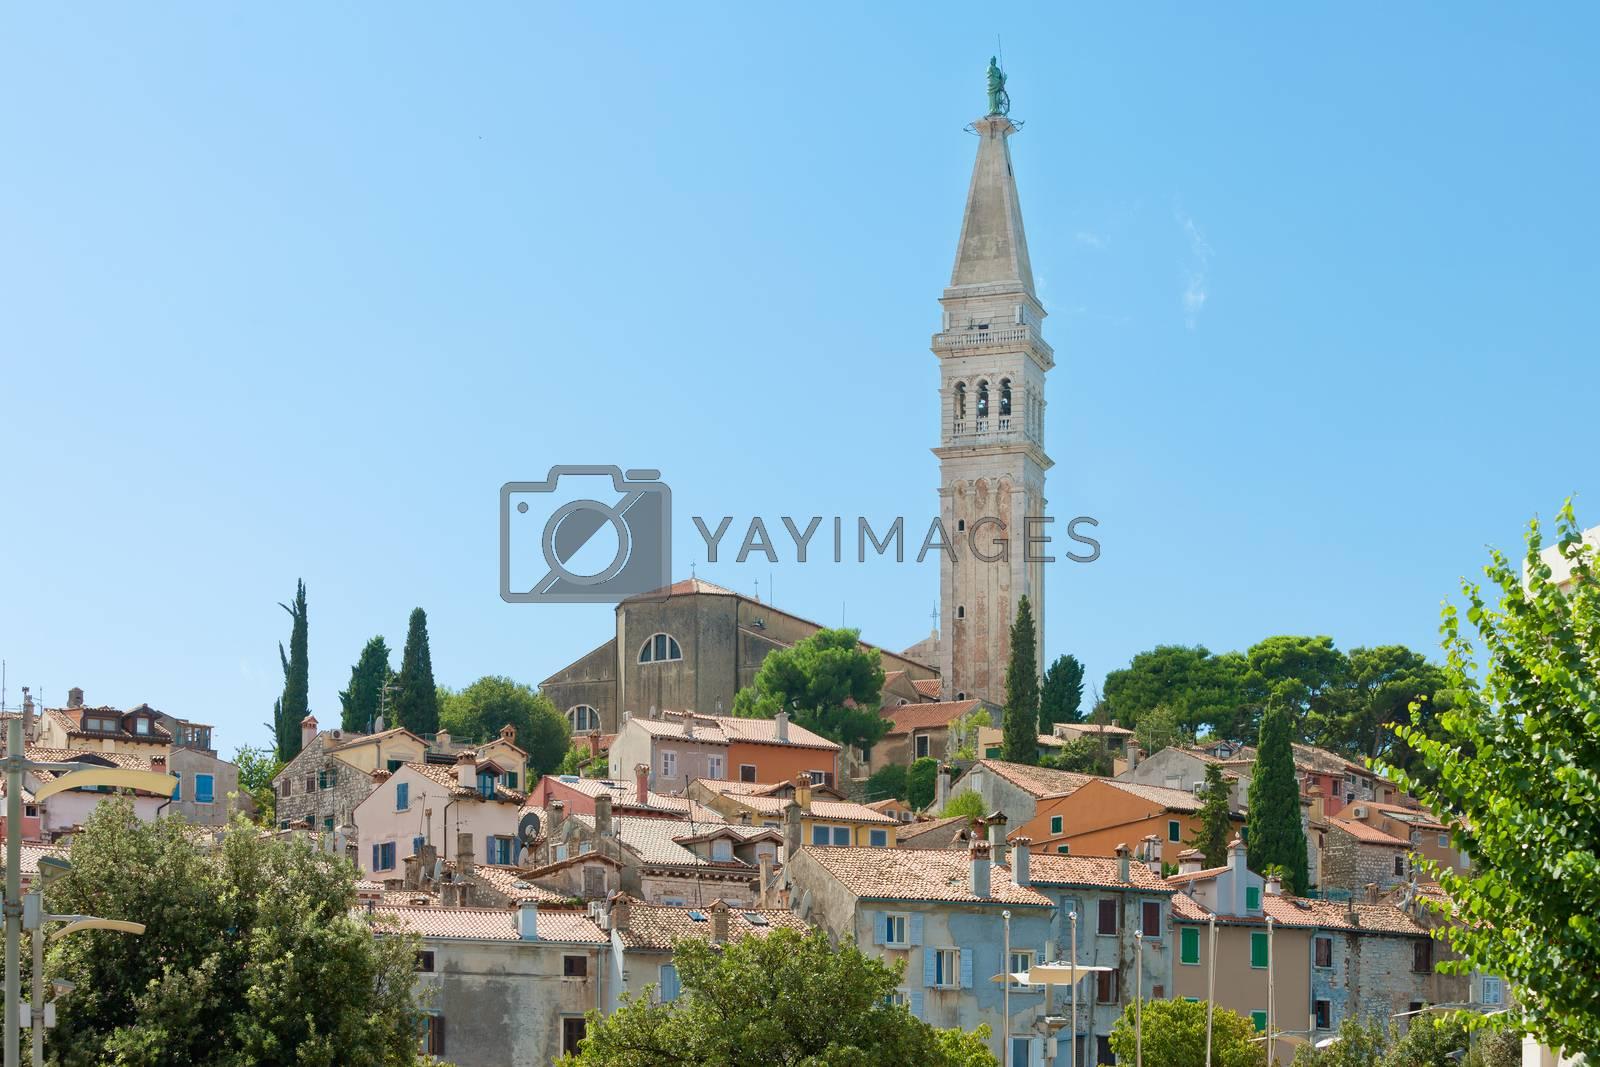 Rovinj, Istria, Croatia, Europe - Steeple of the church of Saint Euphemia